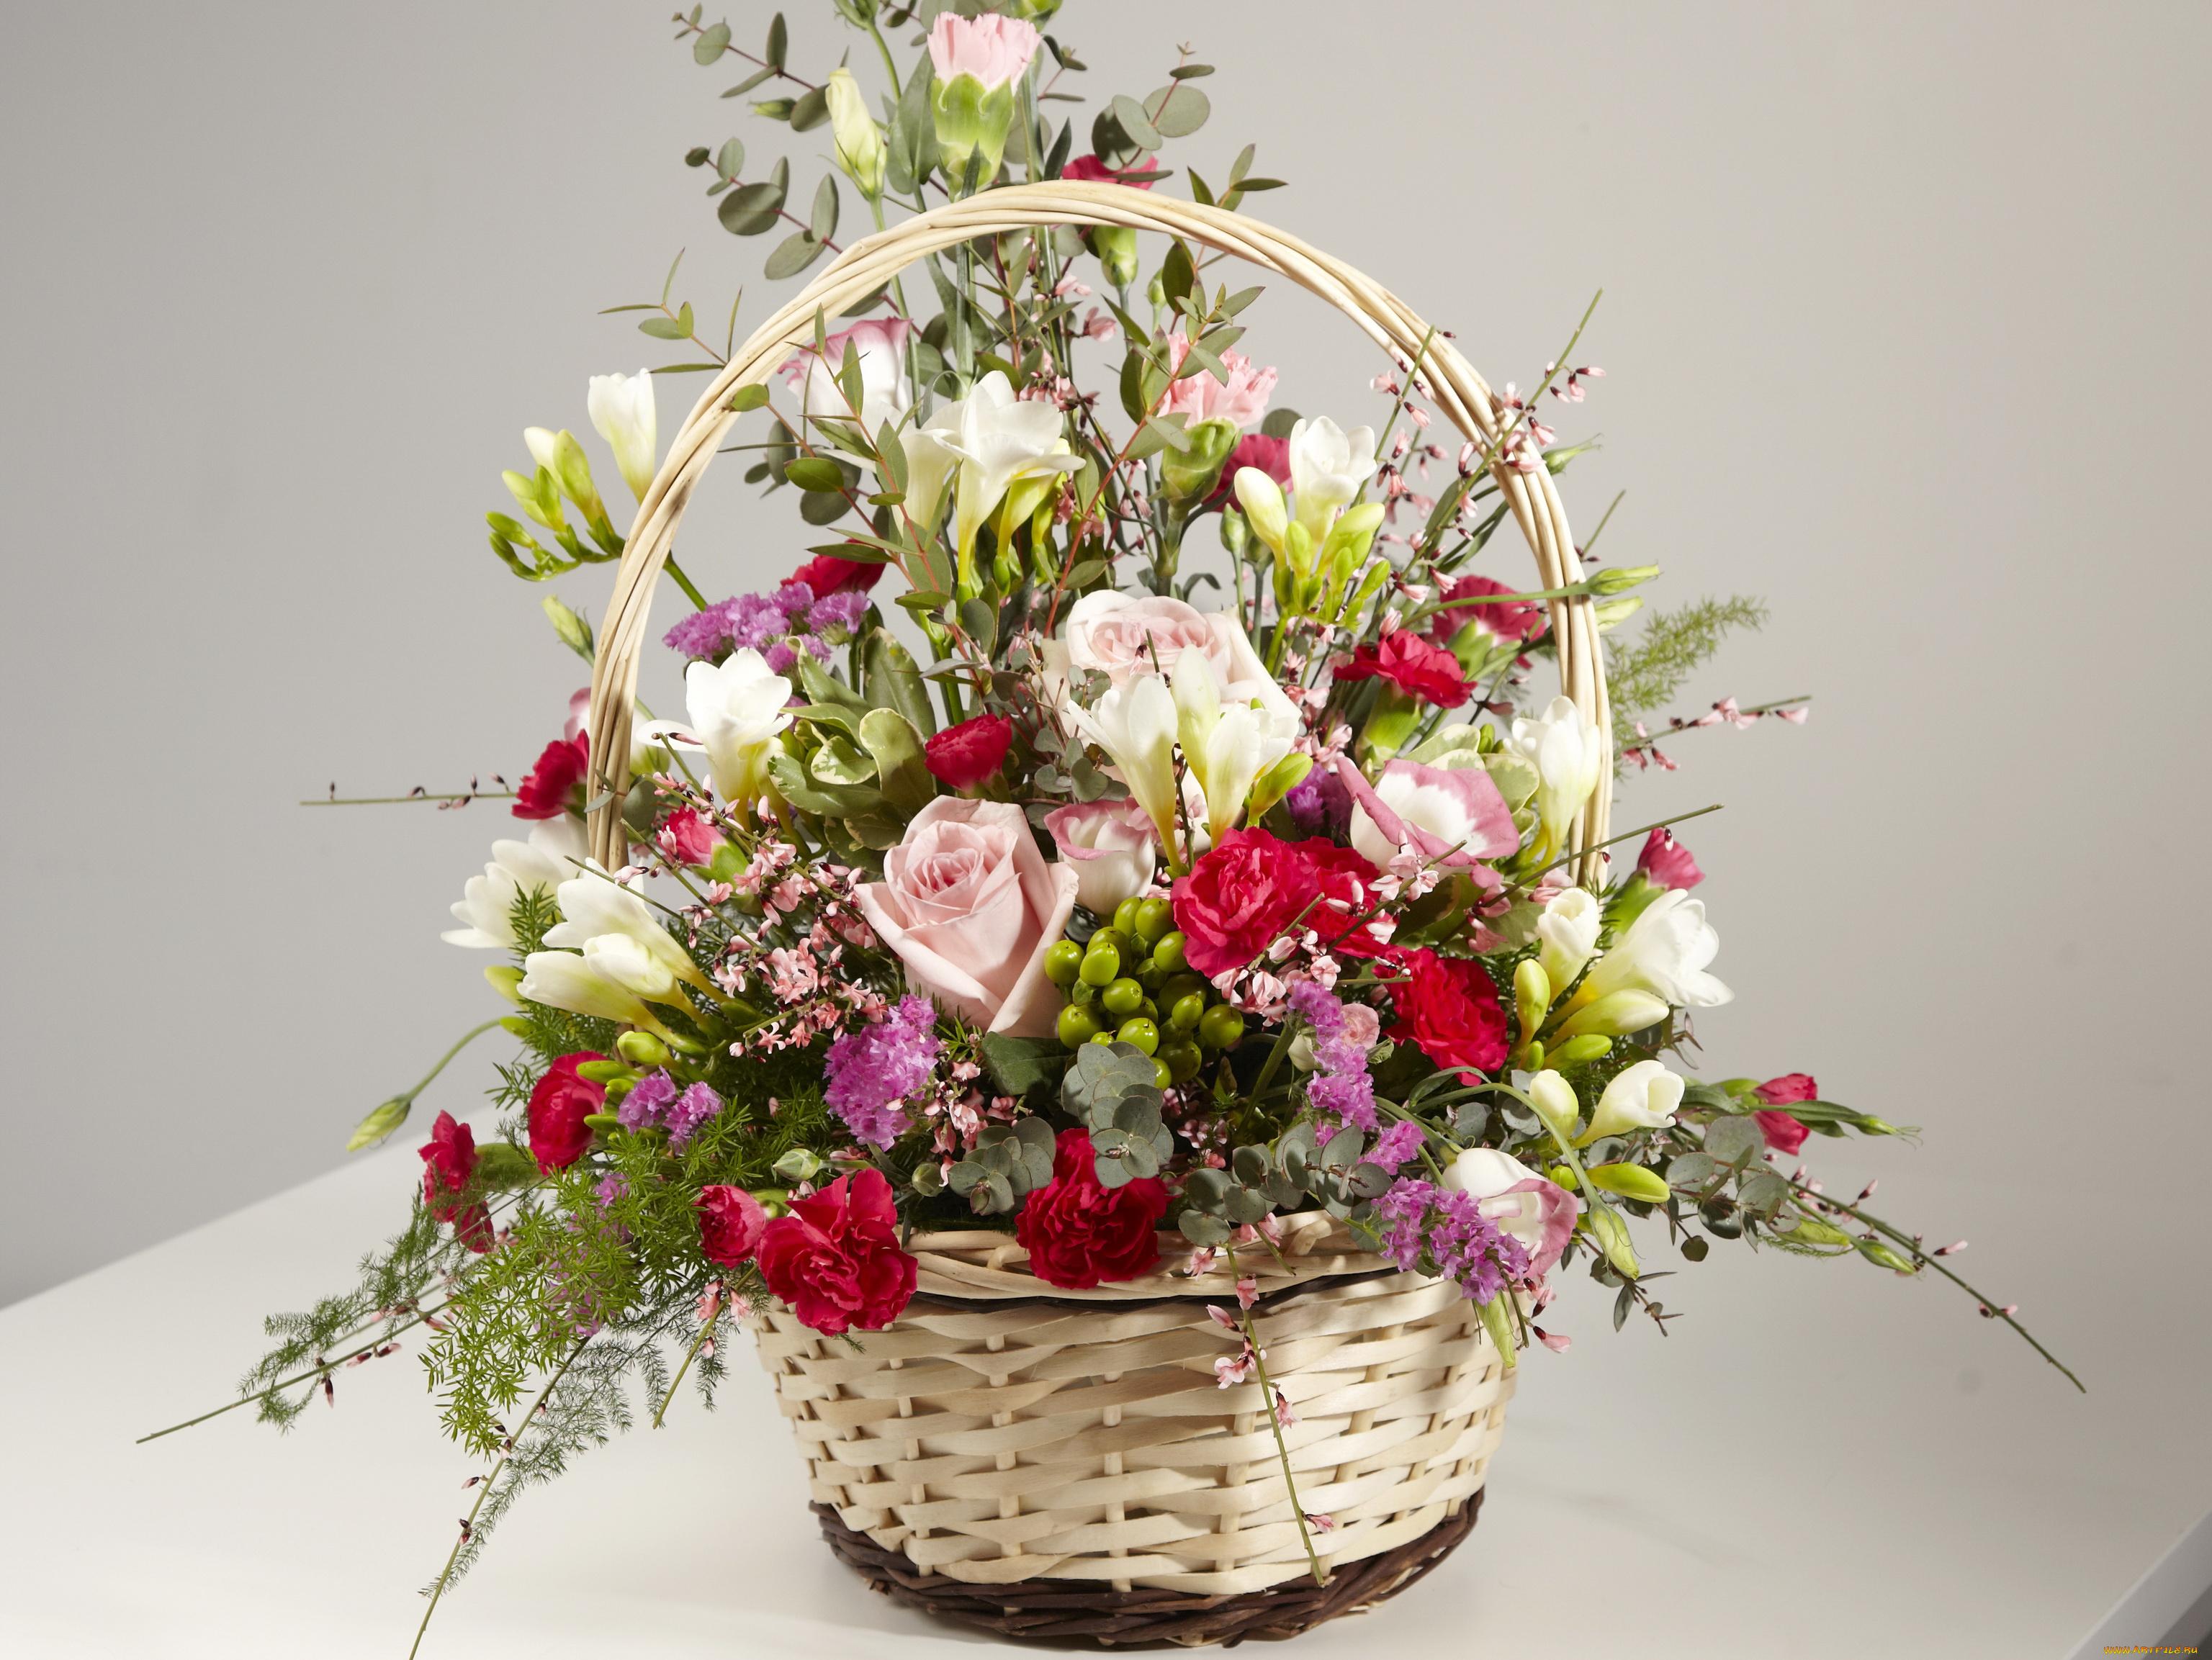 Невесты зеленые, композиция букета цветов